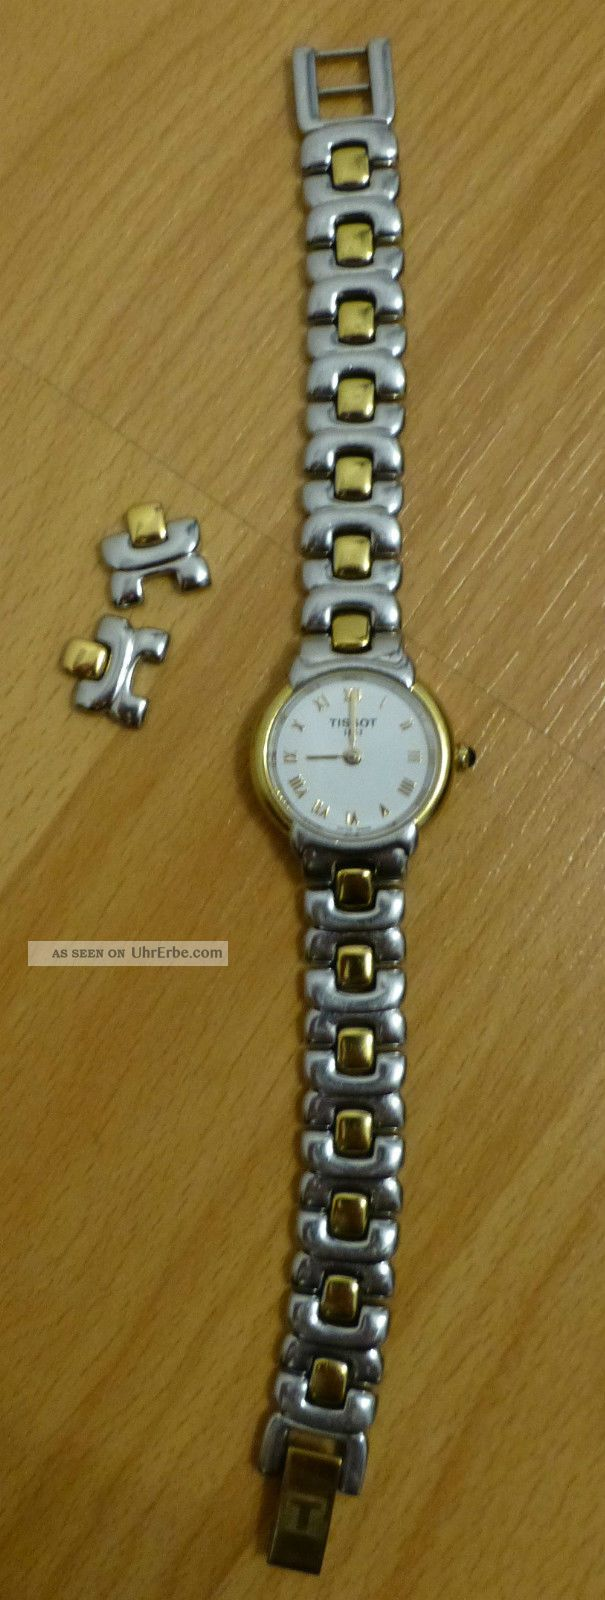 Tissot Damenuhr Armbanduhr Tissot Uhr Armbanduhren Bild